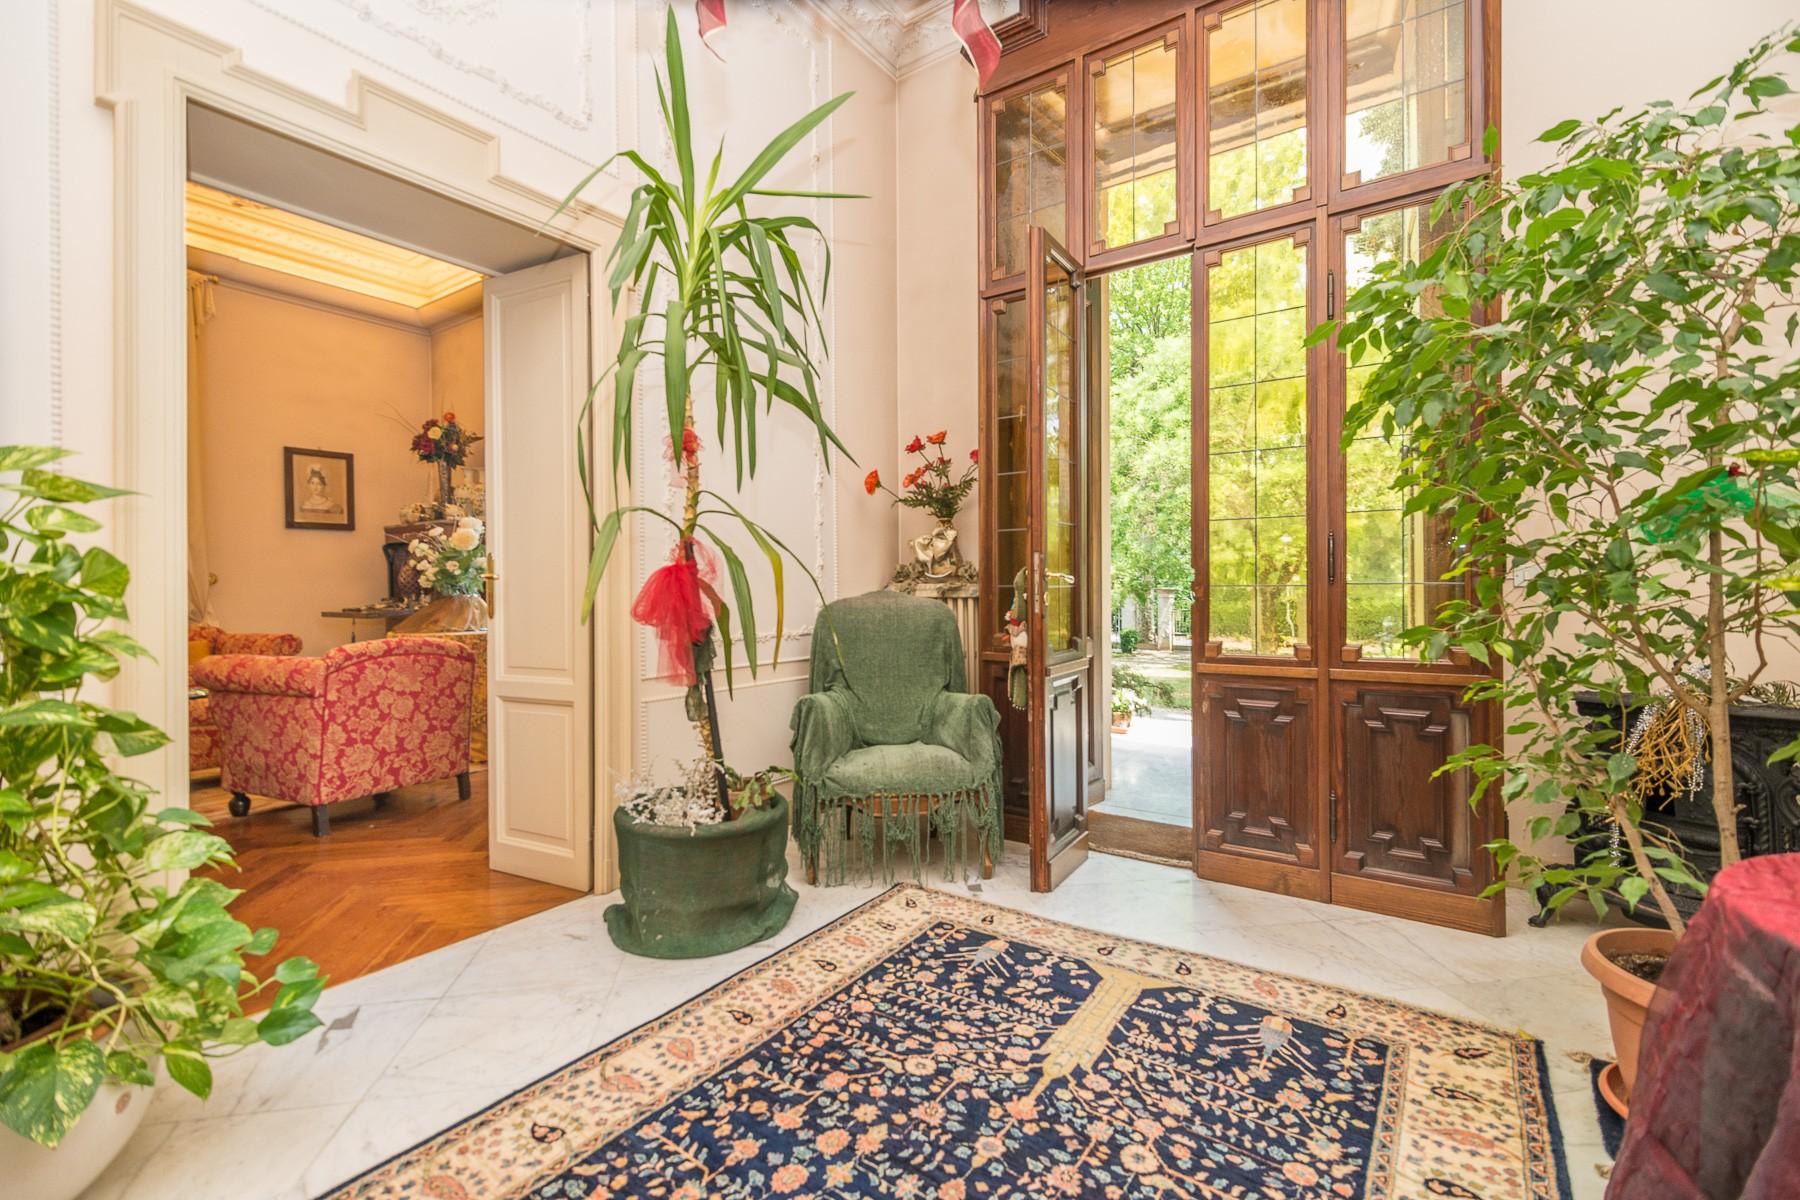 Villa in Vendita a Pavia: 5 locali, 390 mq - Foto 6